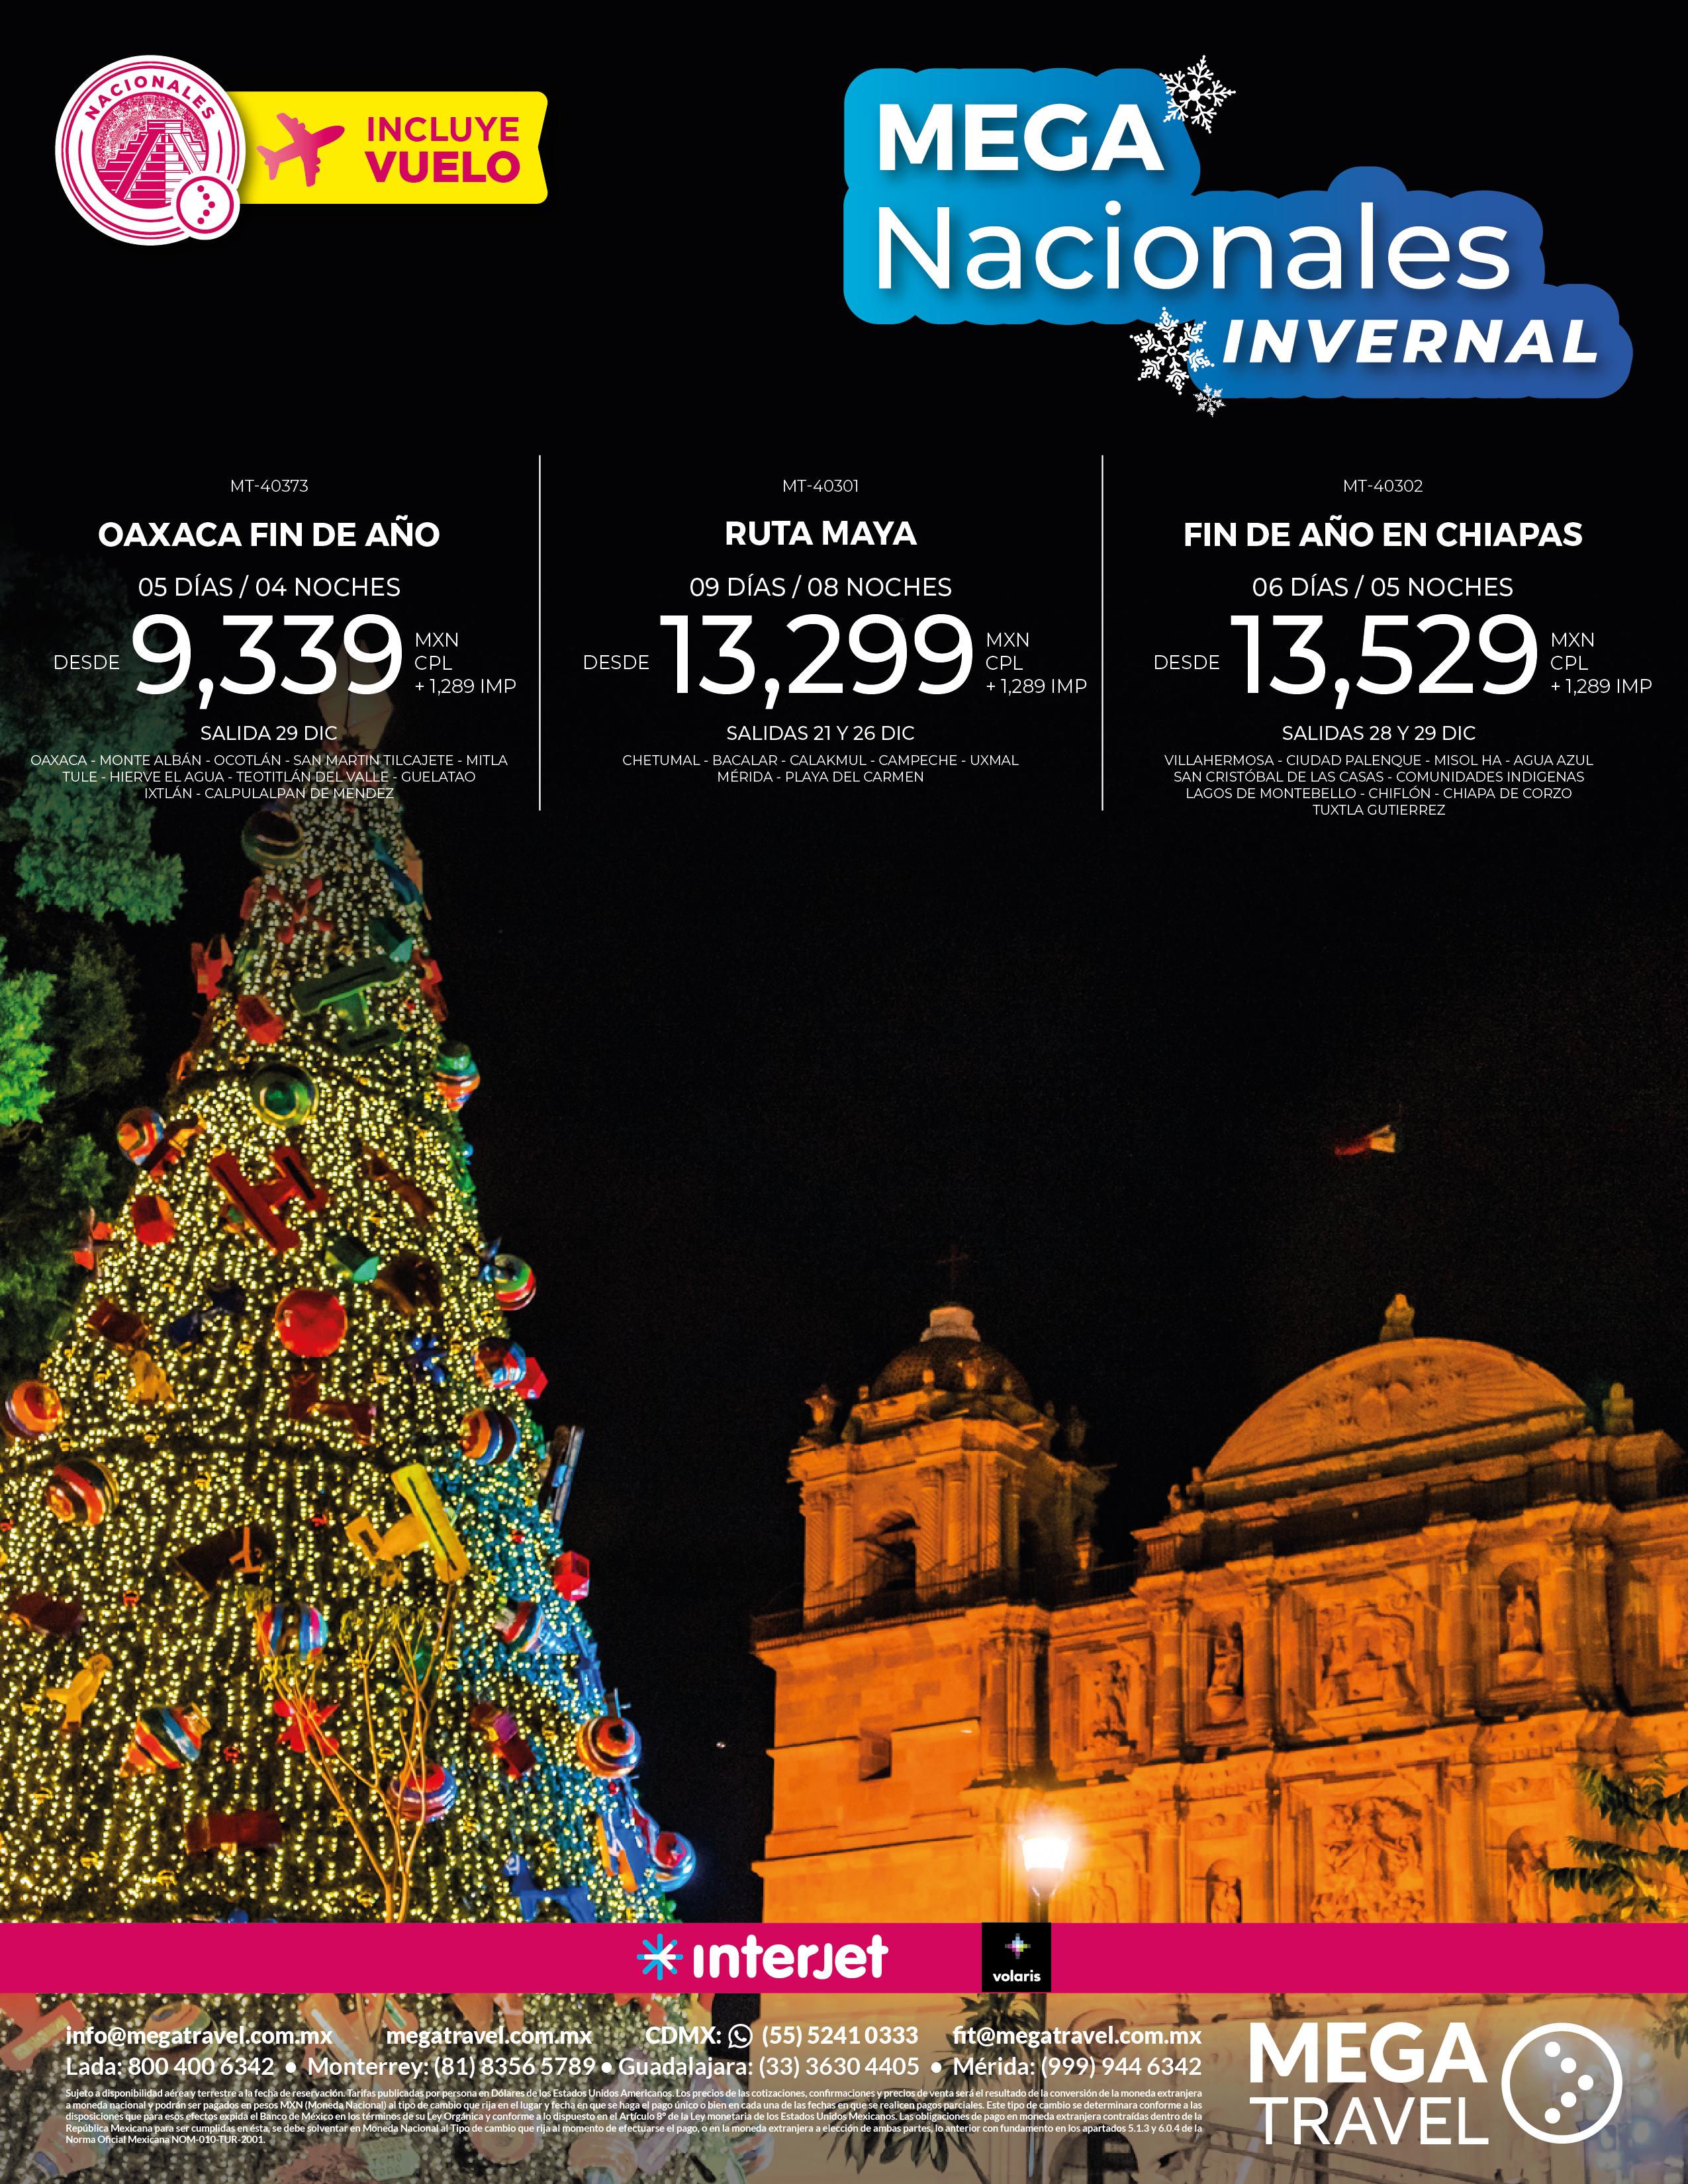 https://0201.nccdn.net/1_2/000/000/123/177/06_Mega-Nacionales-Invernal.jpg